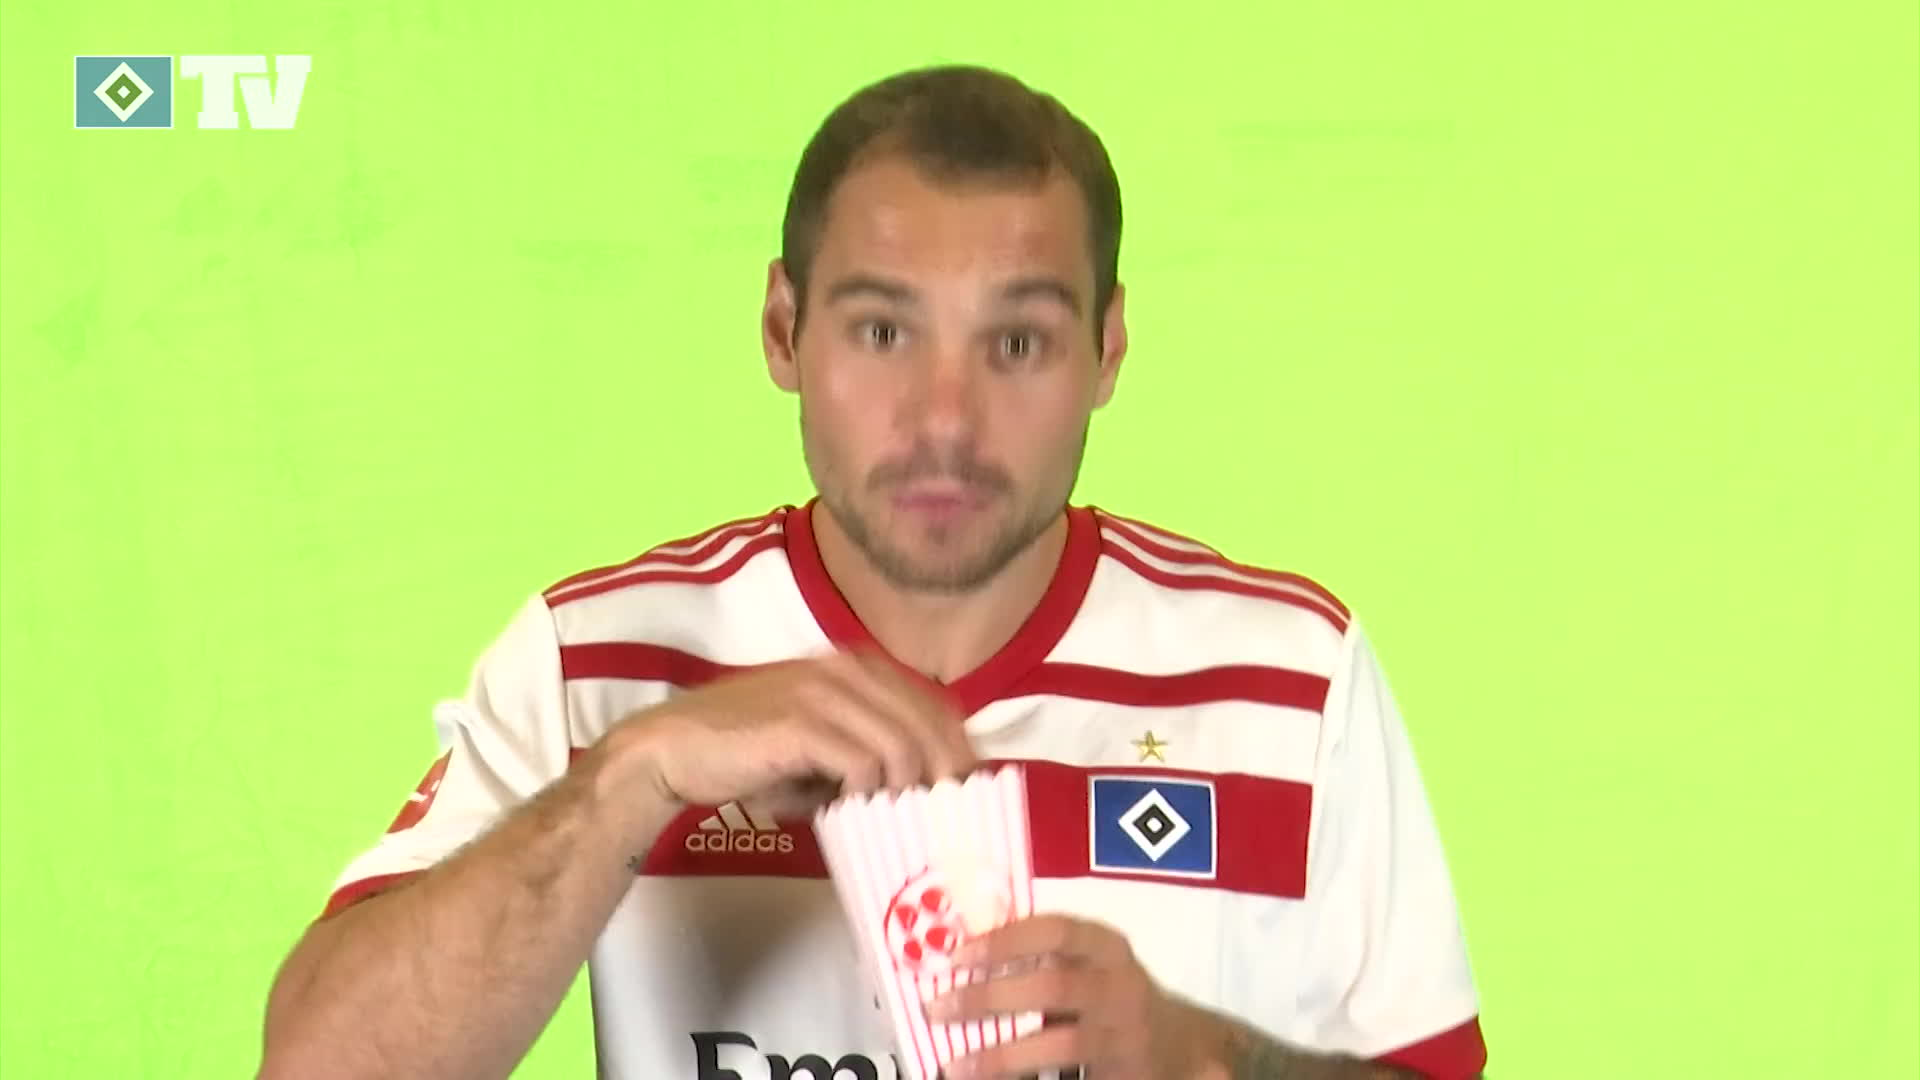 hamburg, hsv, pierre michel lasogga, Hamburger SV - Pierre Michel Lasogga GIFs